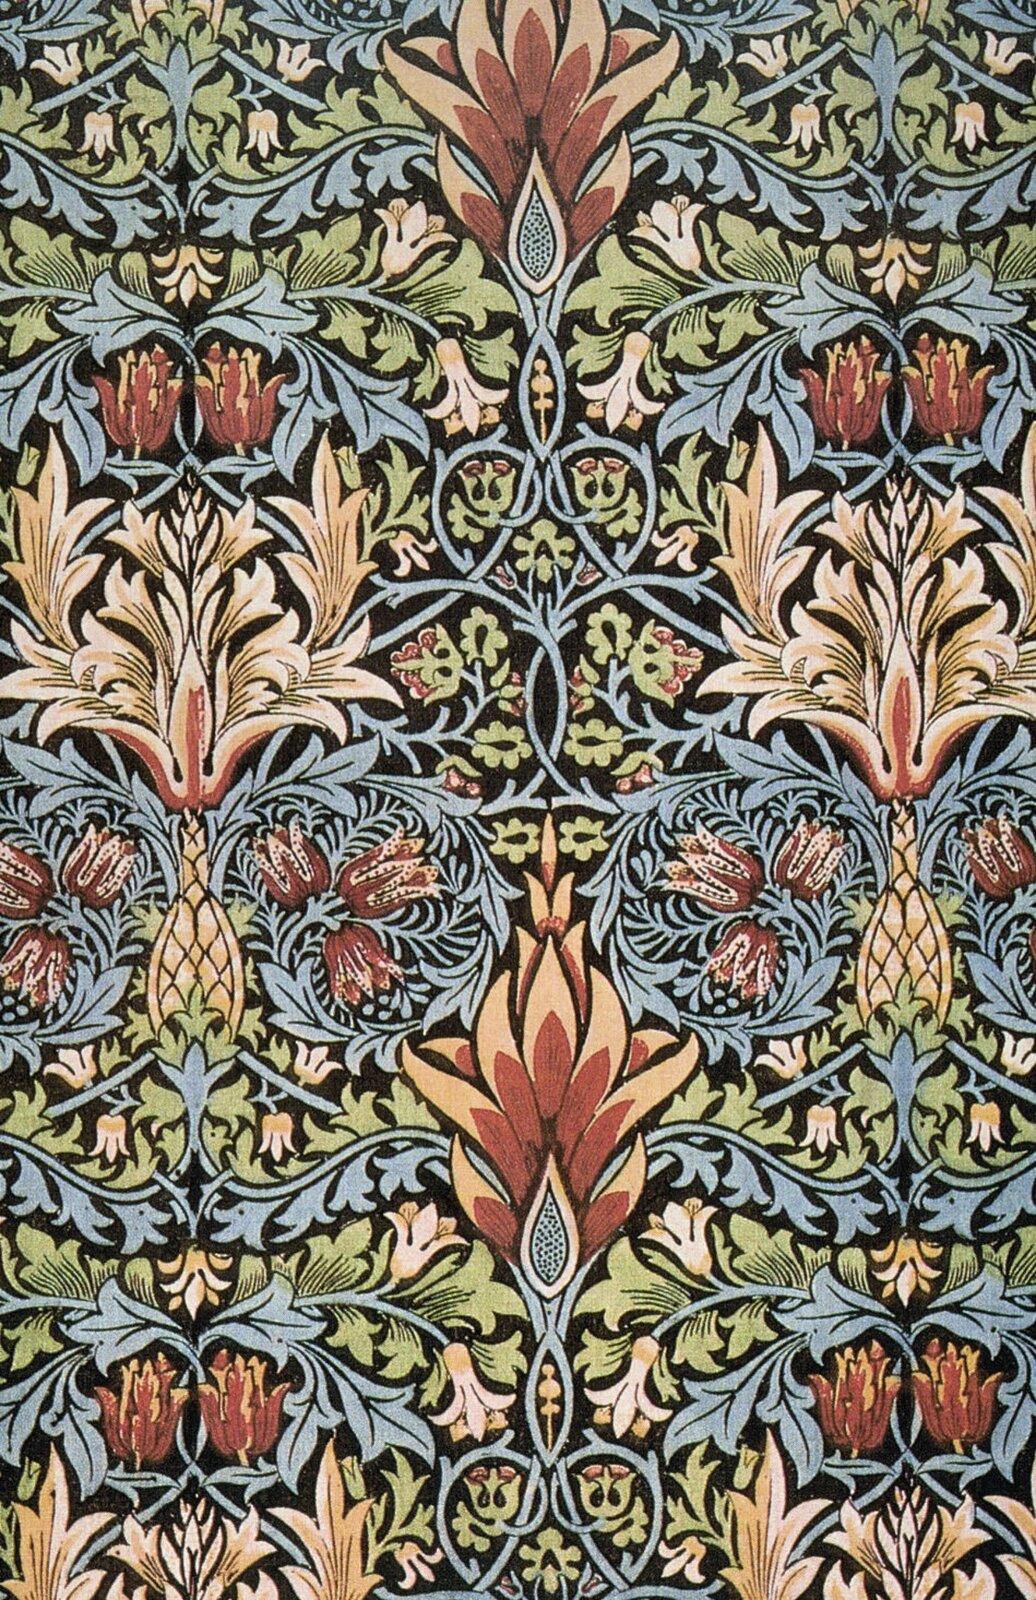 Ilustracja przedstawia tkaninę zaprojektowaną przez Williama Morrisa. Ukazuje on ornament arabeskę. Ukazuje on arabeskę. Jest to ornament roślinny zdobiony dodatkowymi elementami.